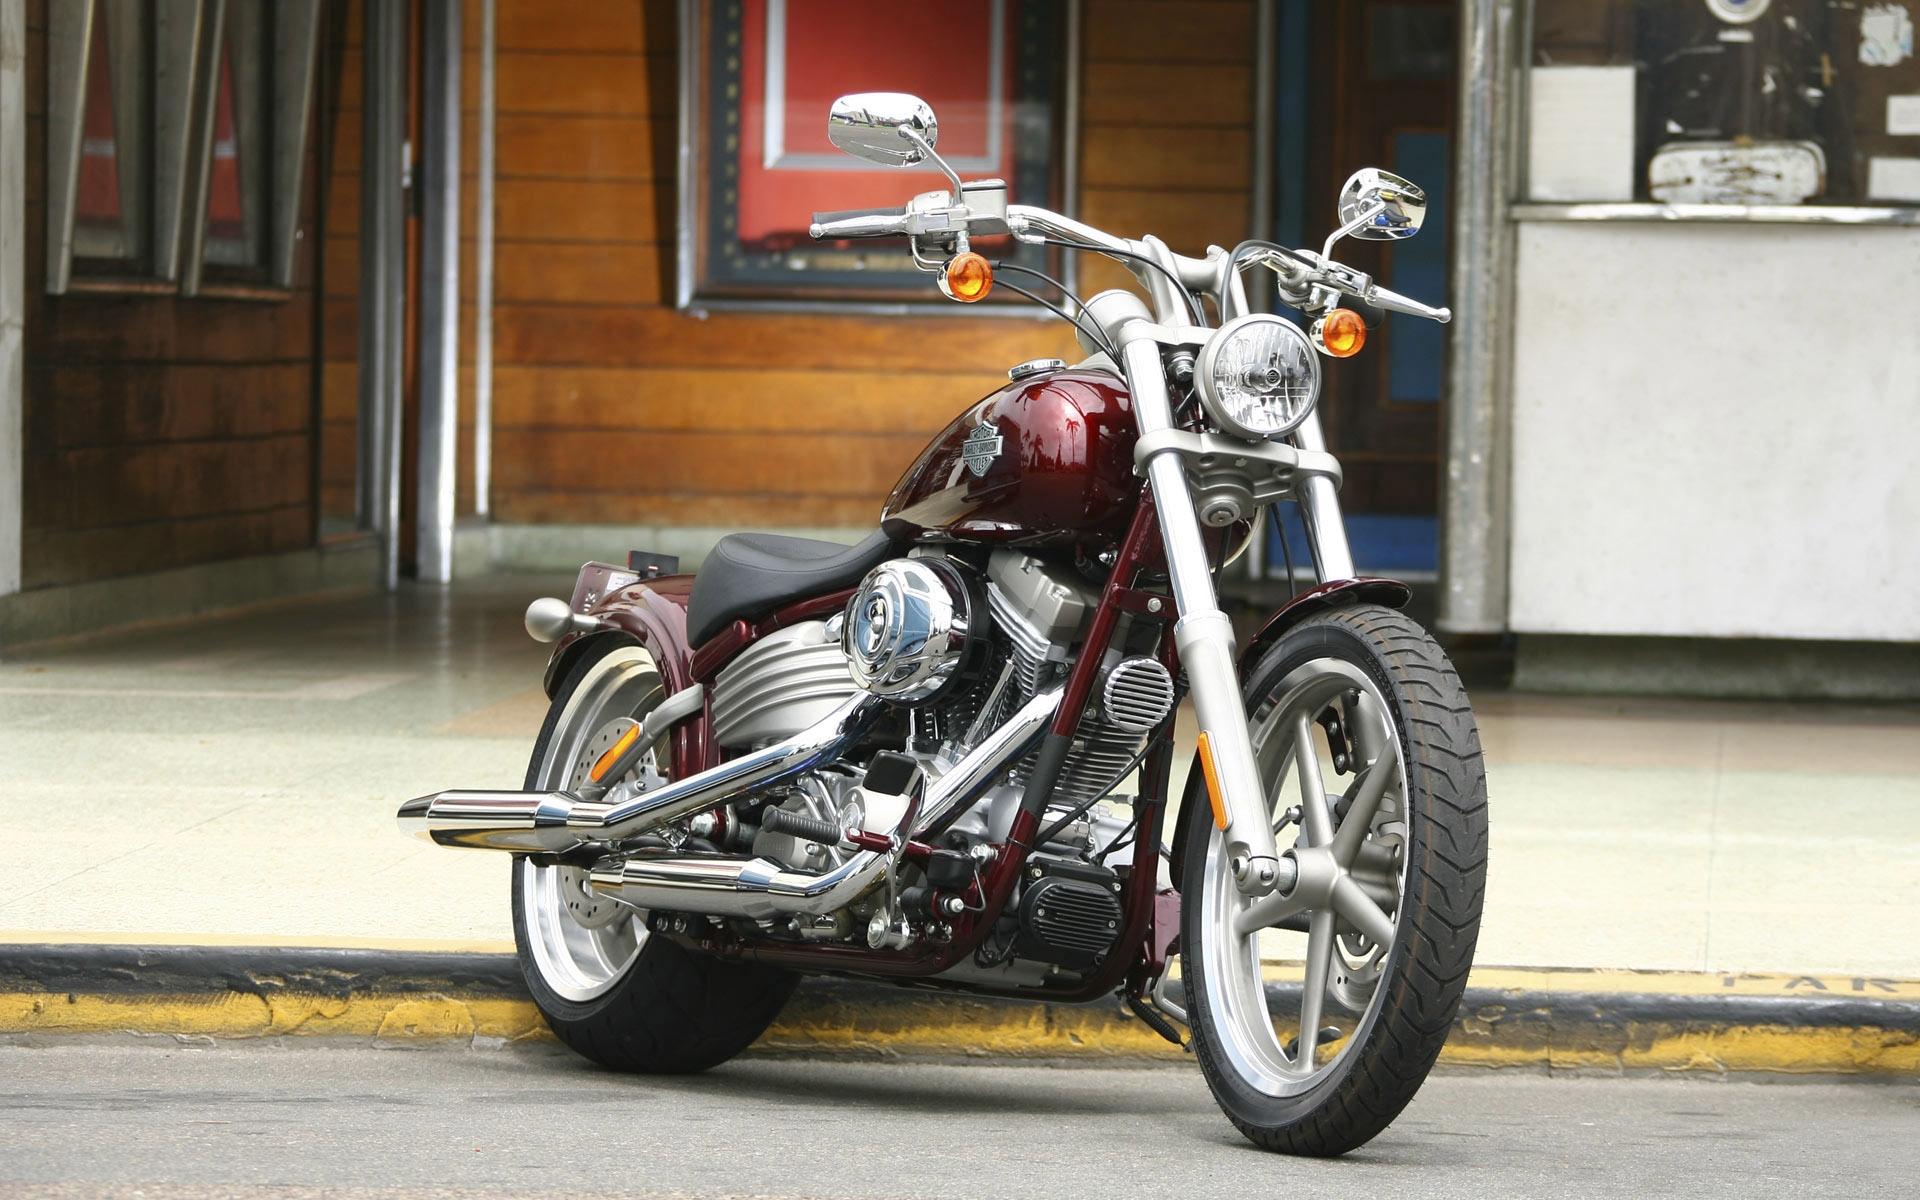 Обои с мотоциклами на рабочий стол